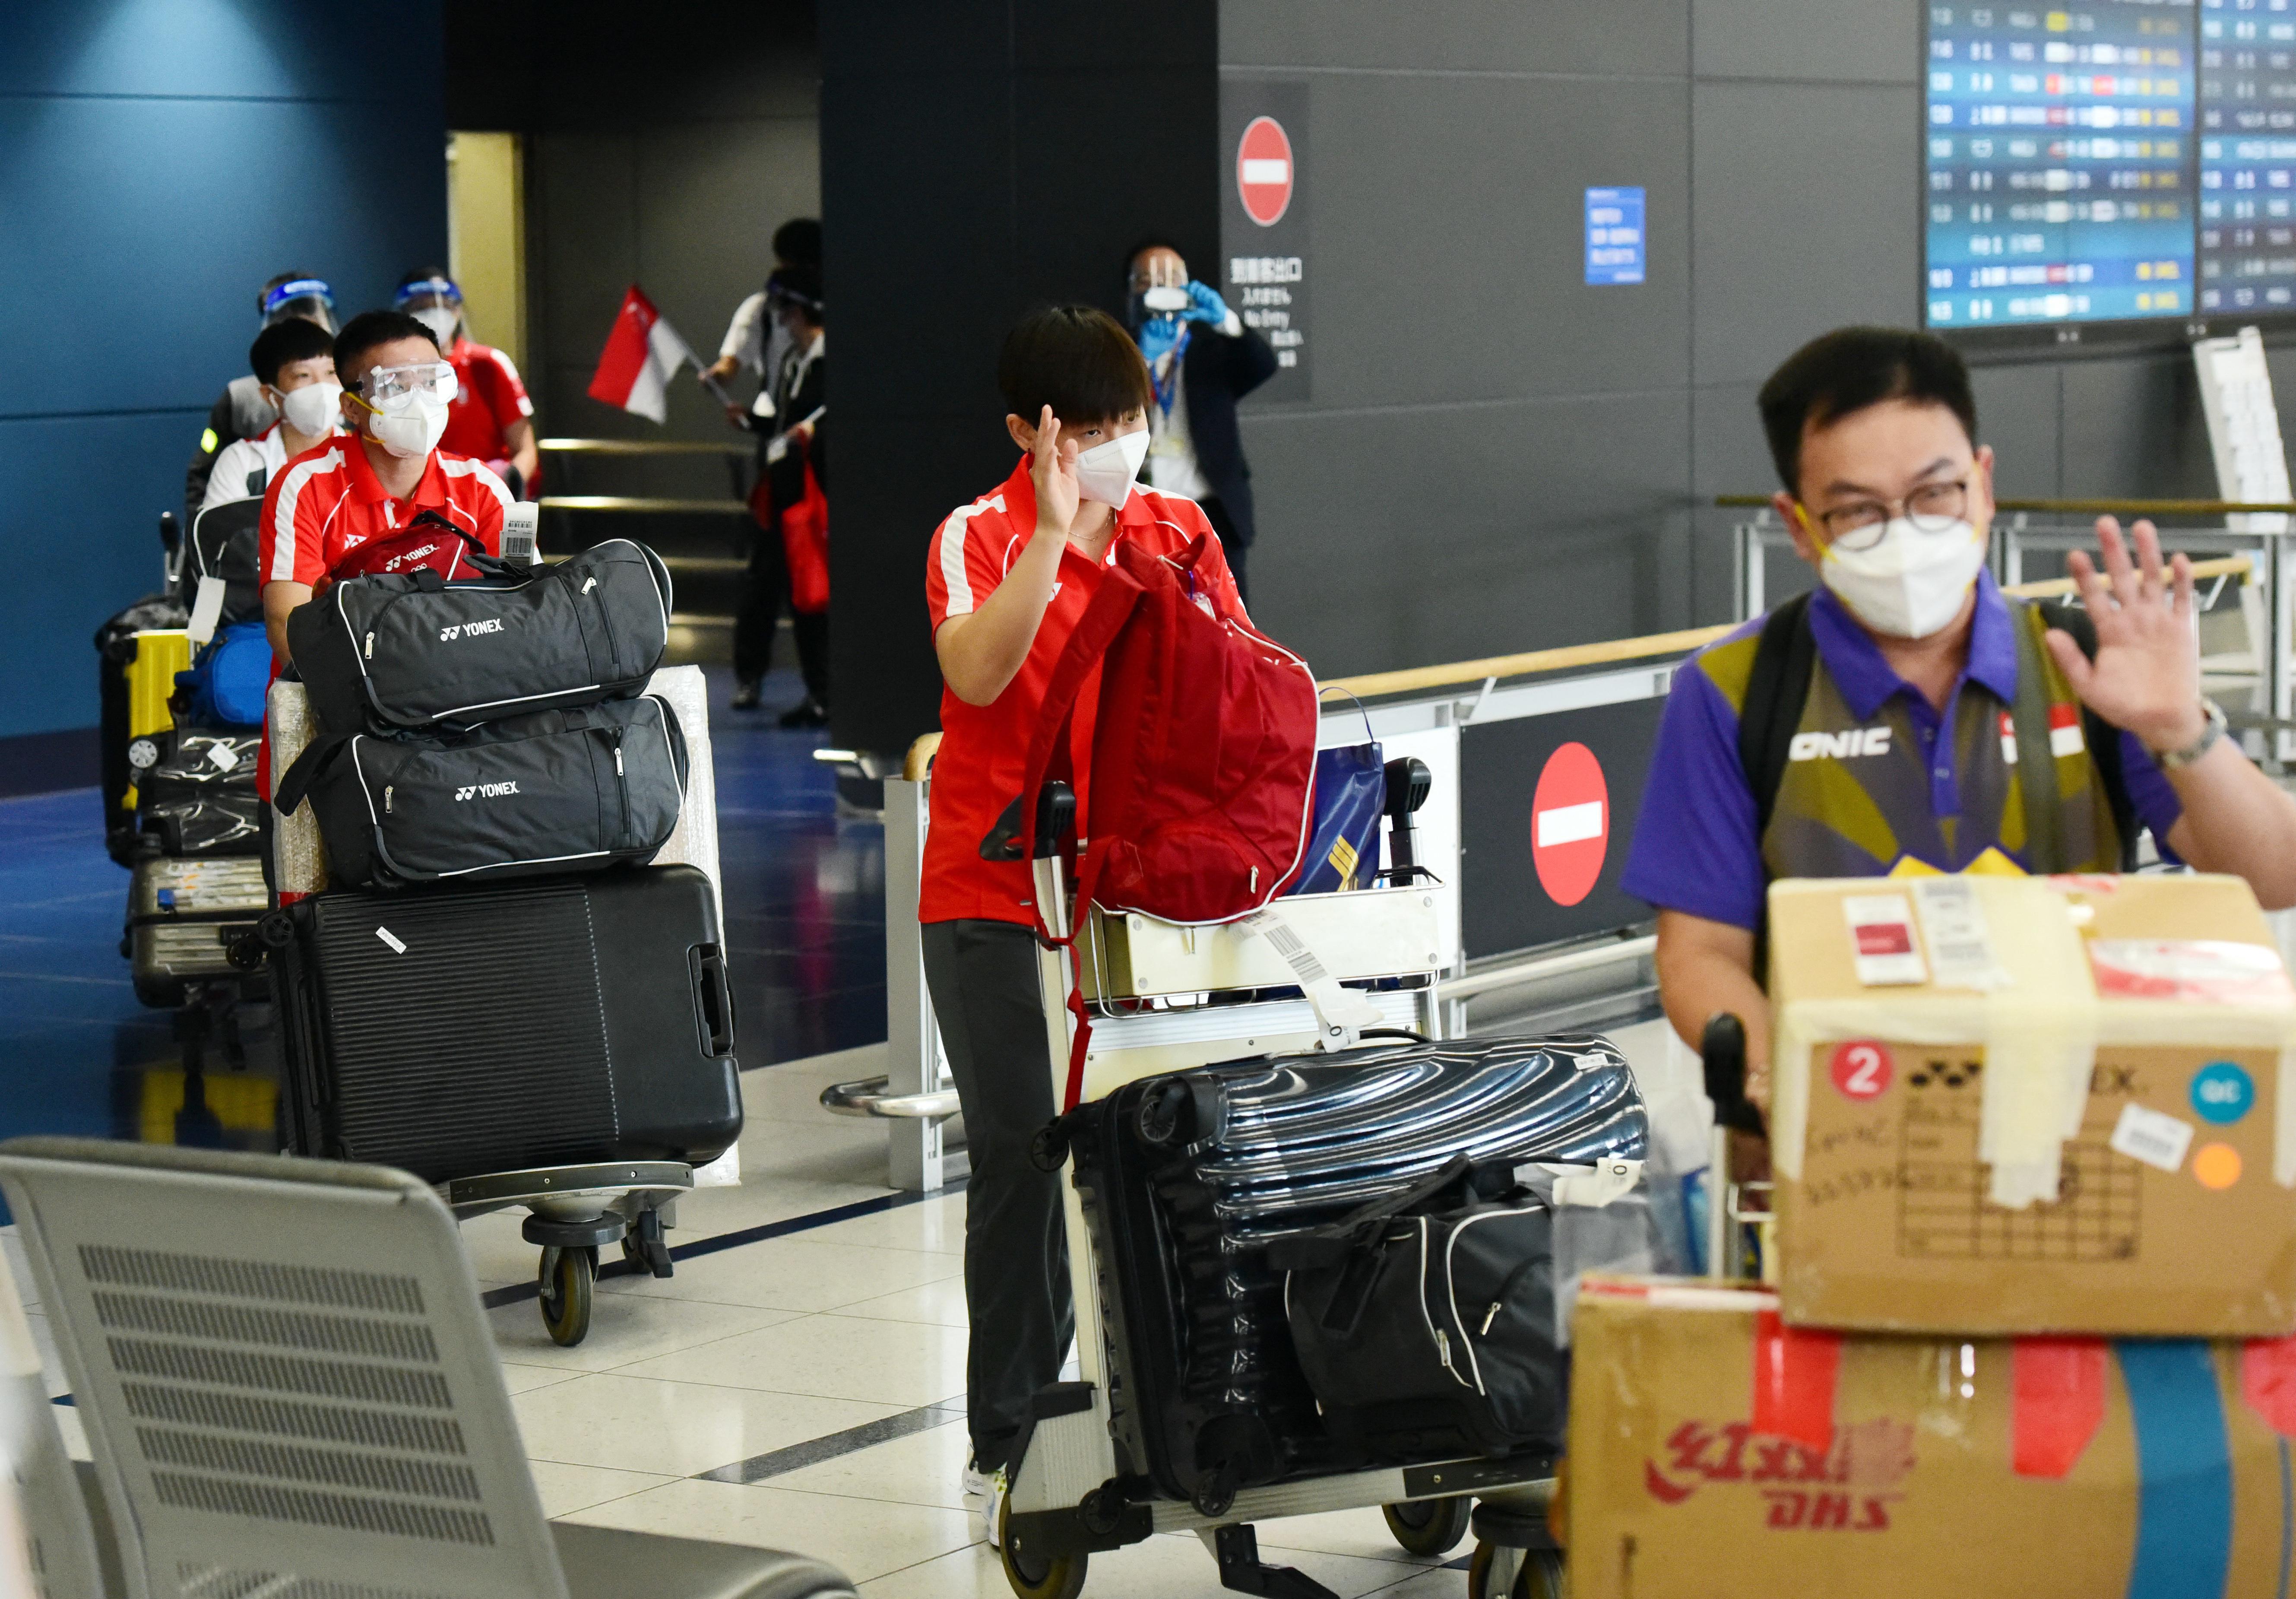 Hat ország csapatának beutazását szigorítják a tokiói olimpián a delta variáns miatt